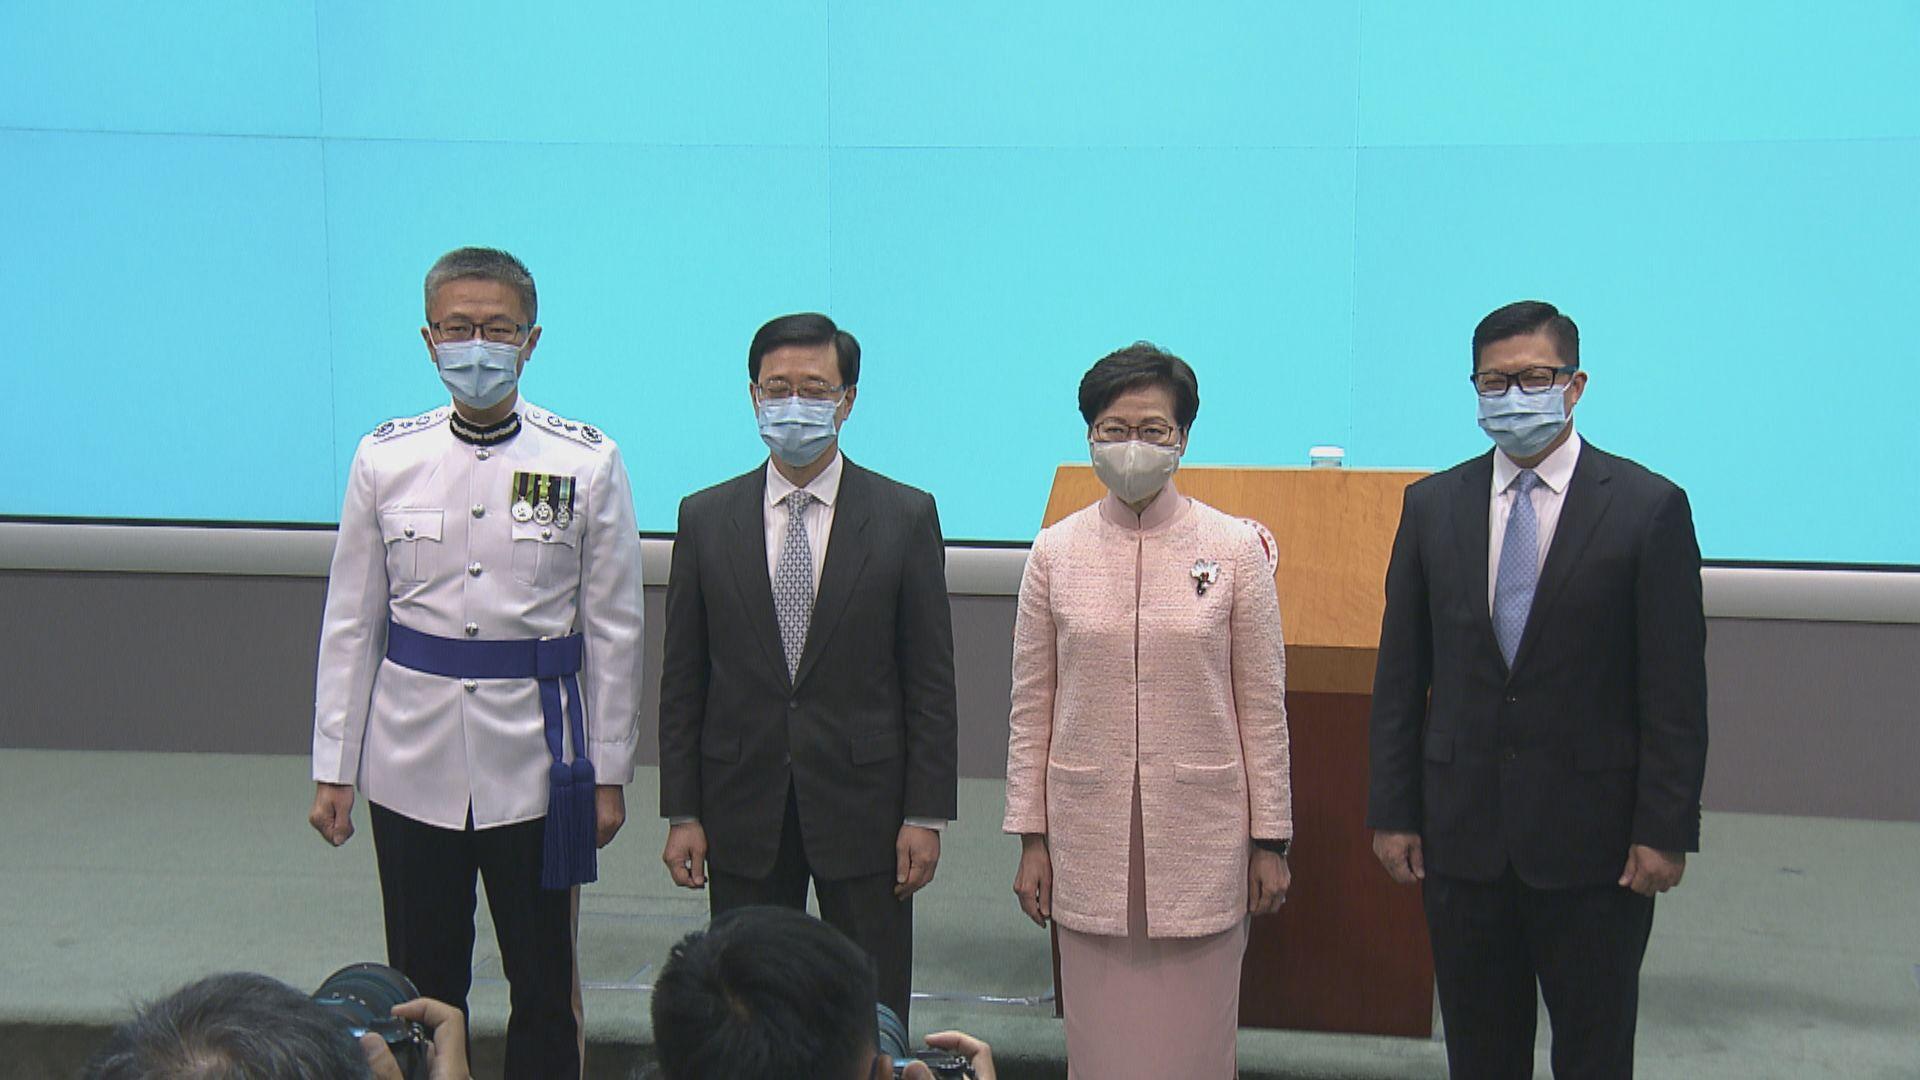 【最新】林鄭:提名是用人唯才 有信心三人能推動特區施政